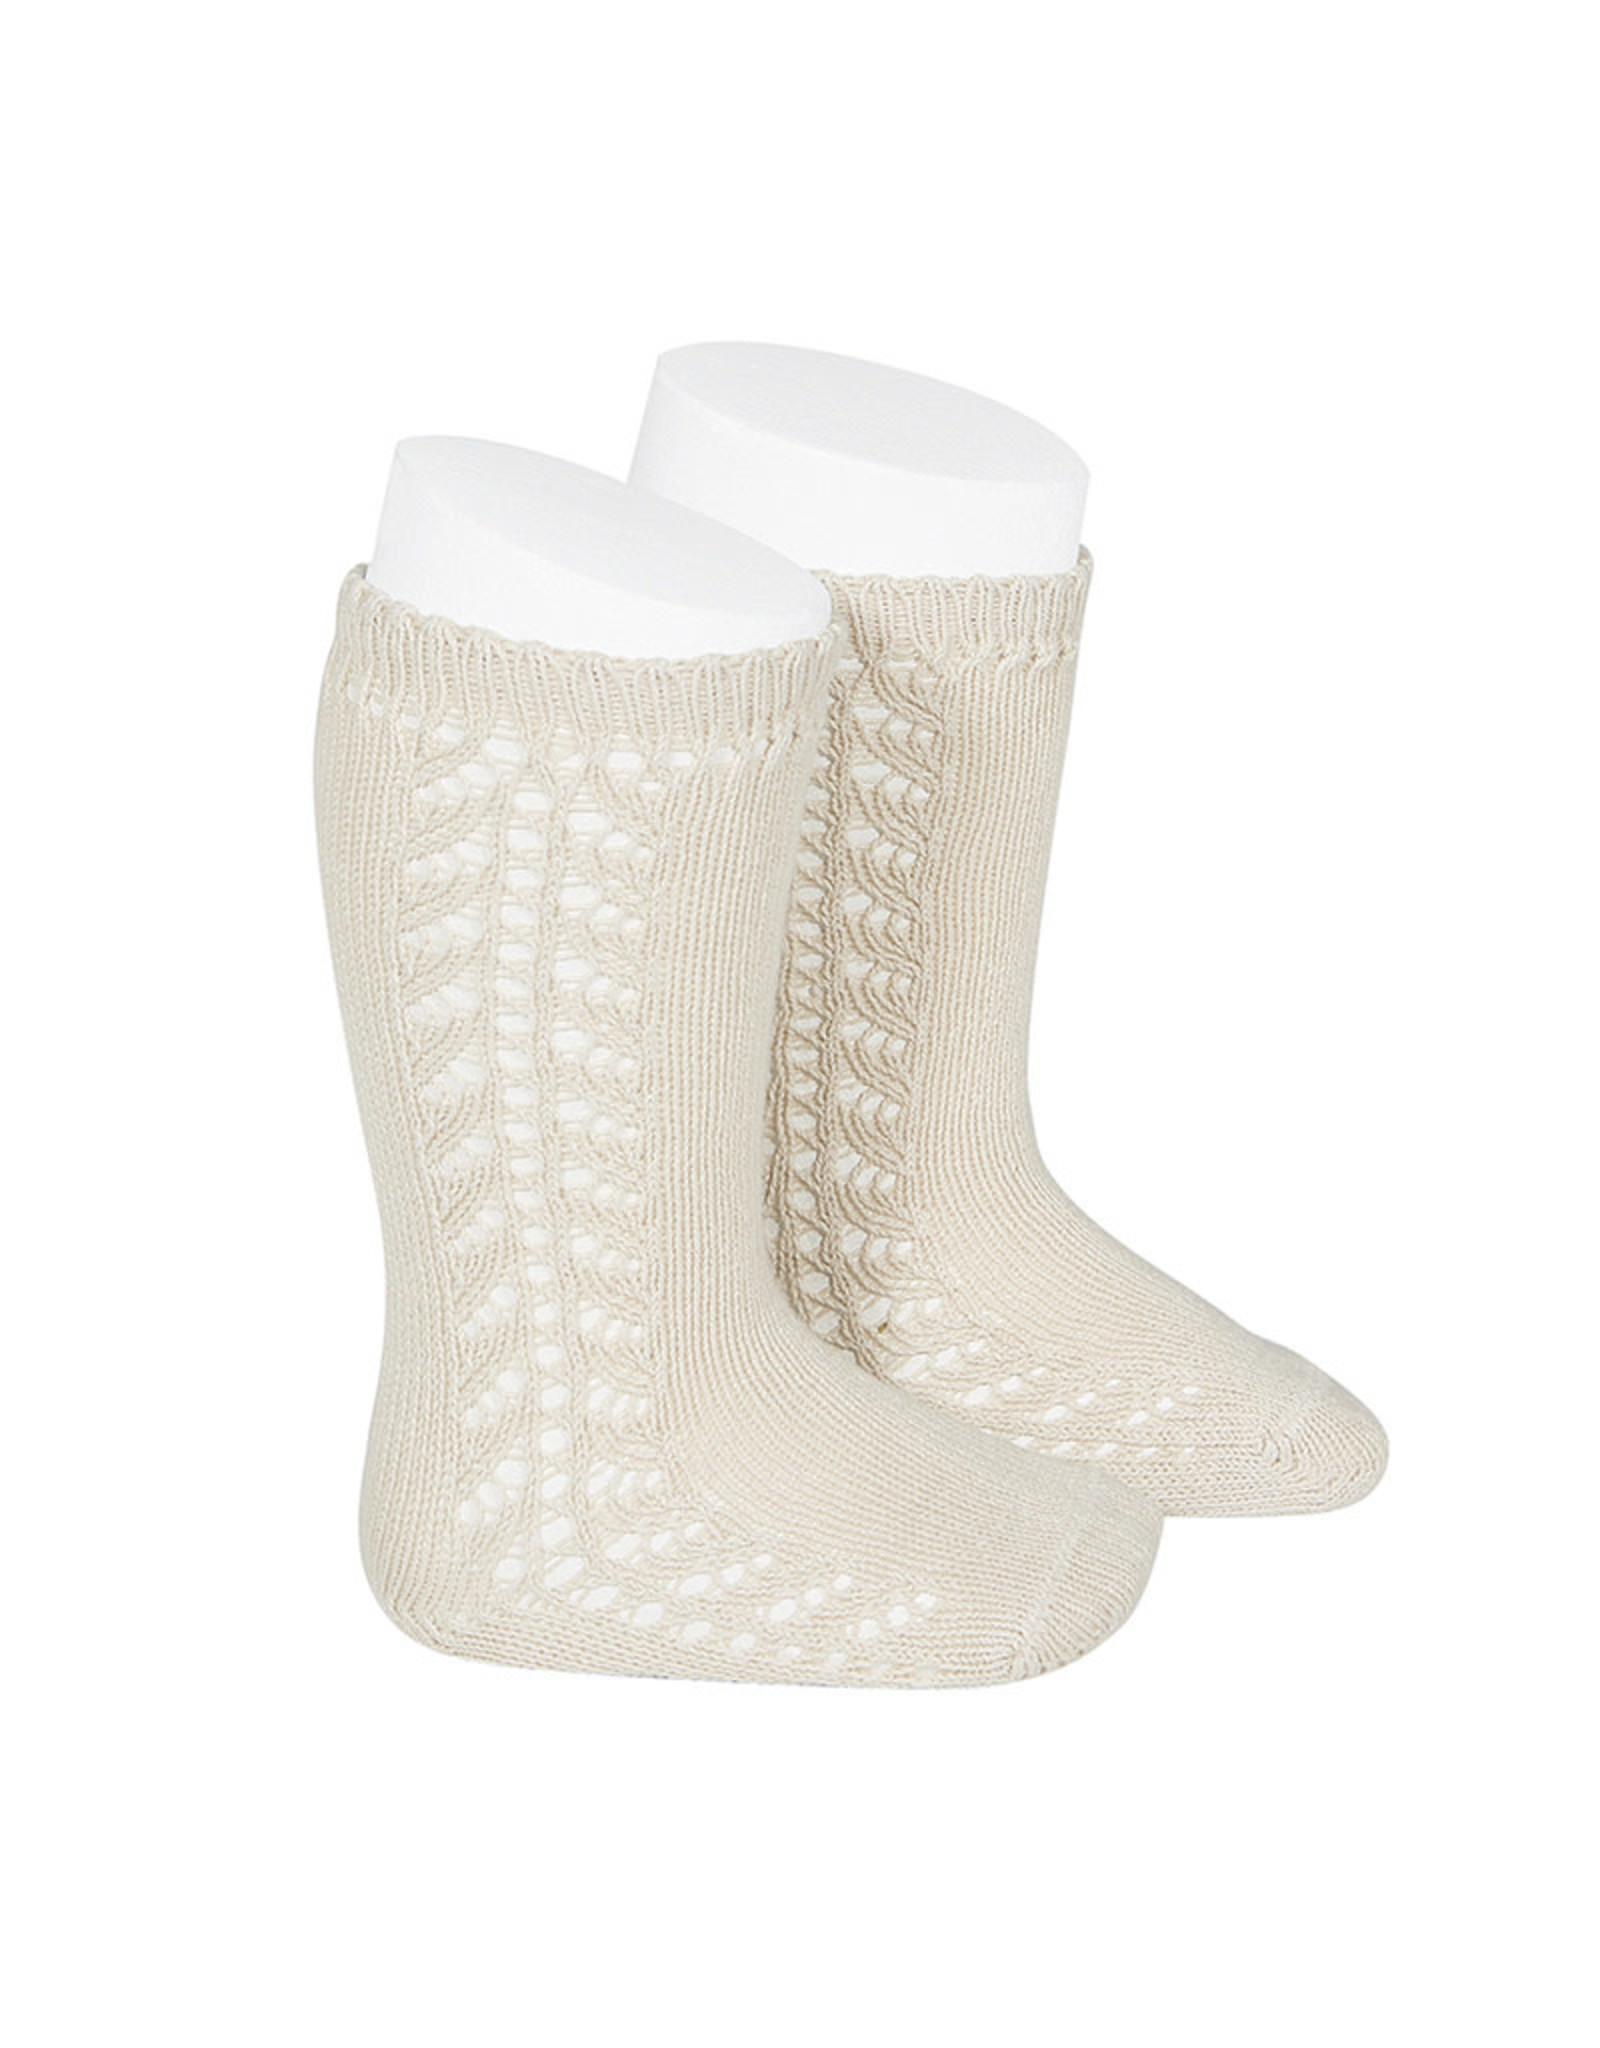 CONDOR Linen Warm Side Openwork Socks